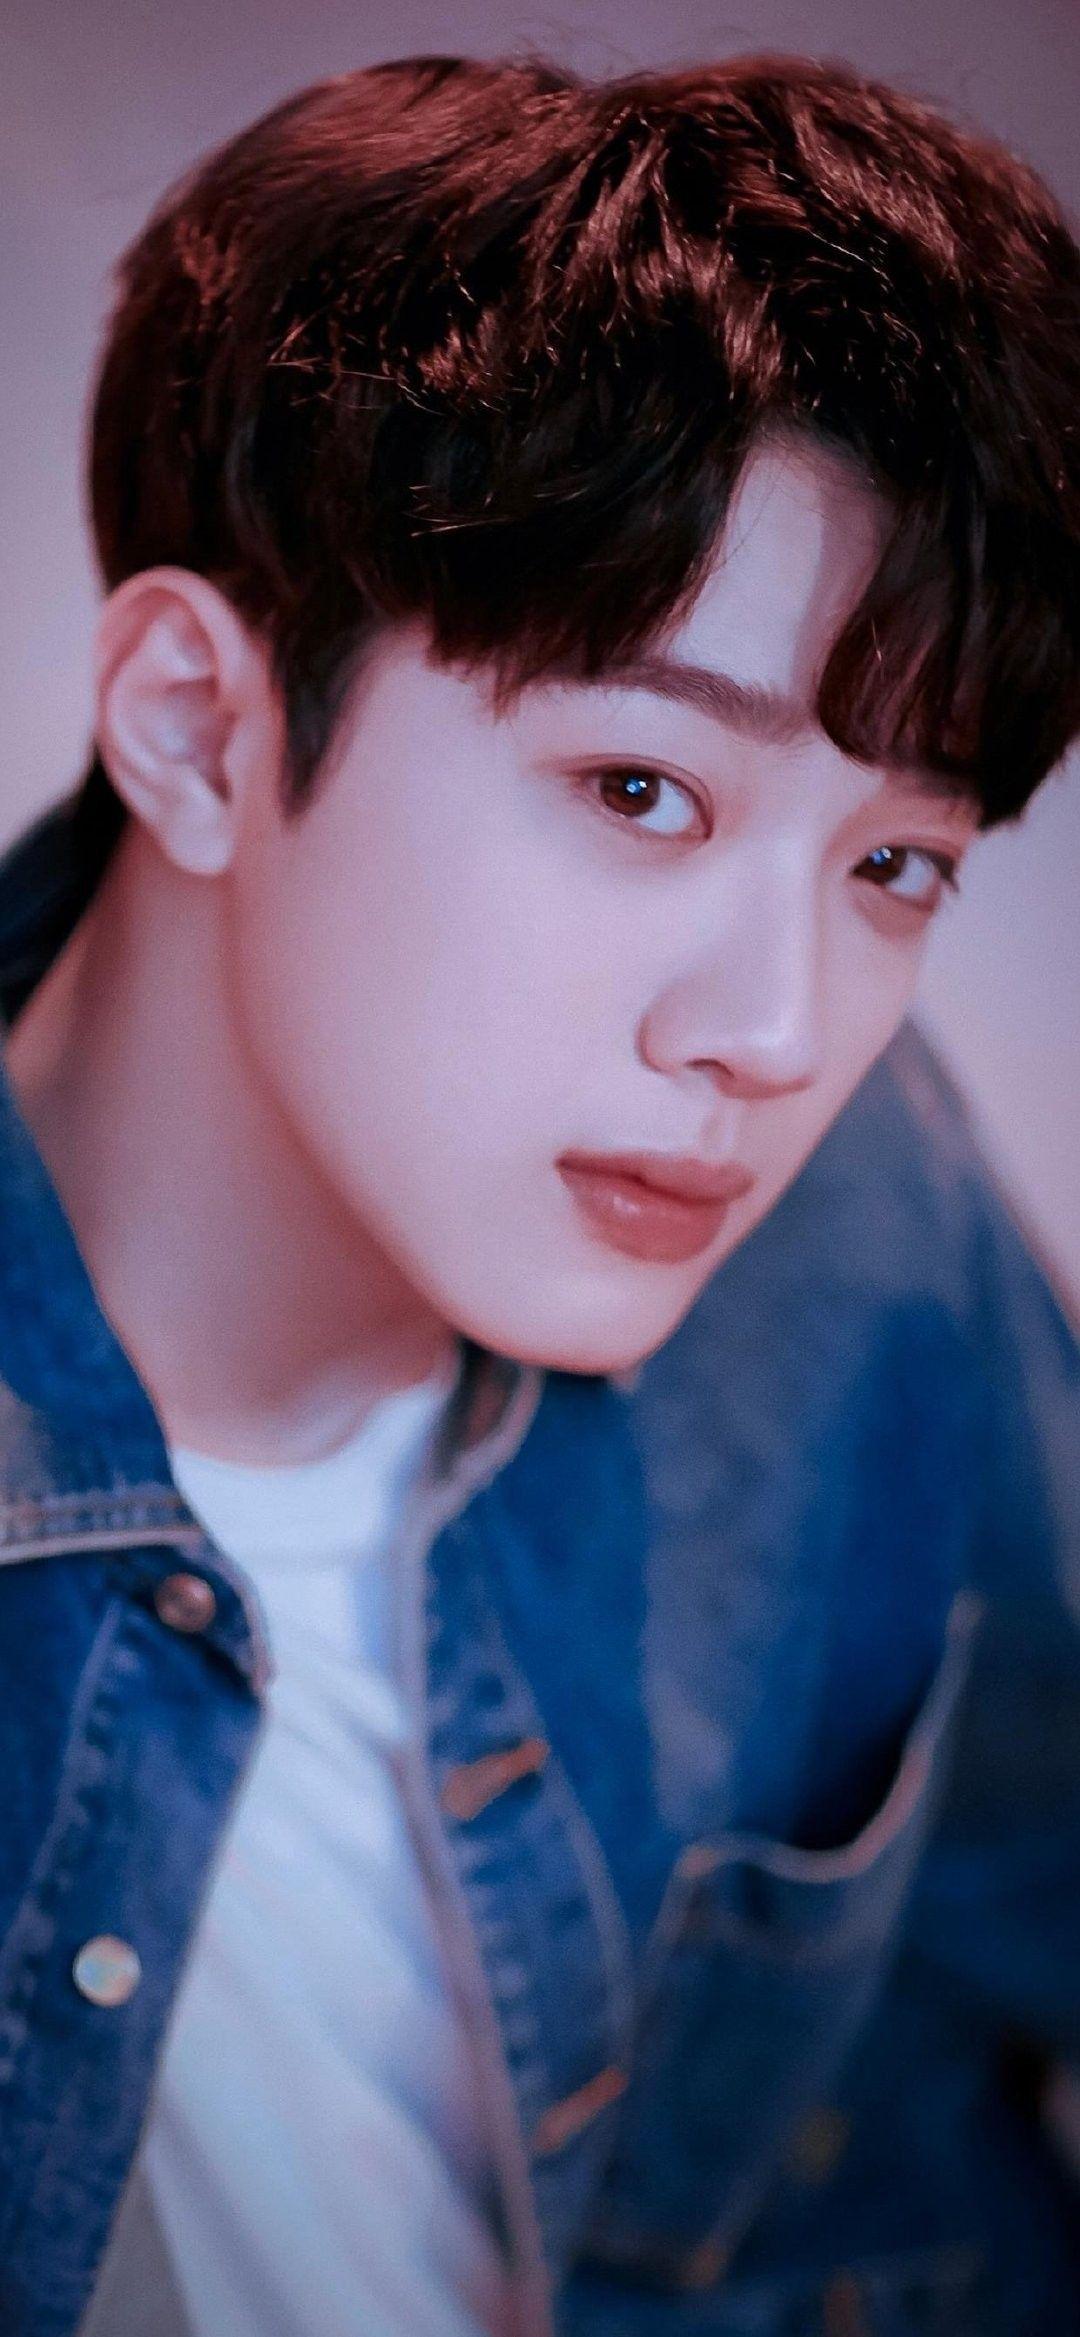 Pin Oleh Opblittleghost Di Wannaone Di 2020 Gambar Aktor Kpop